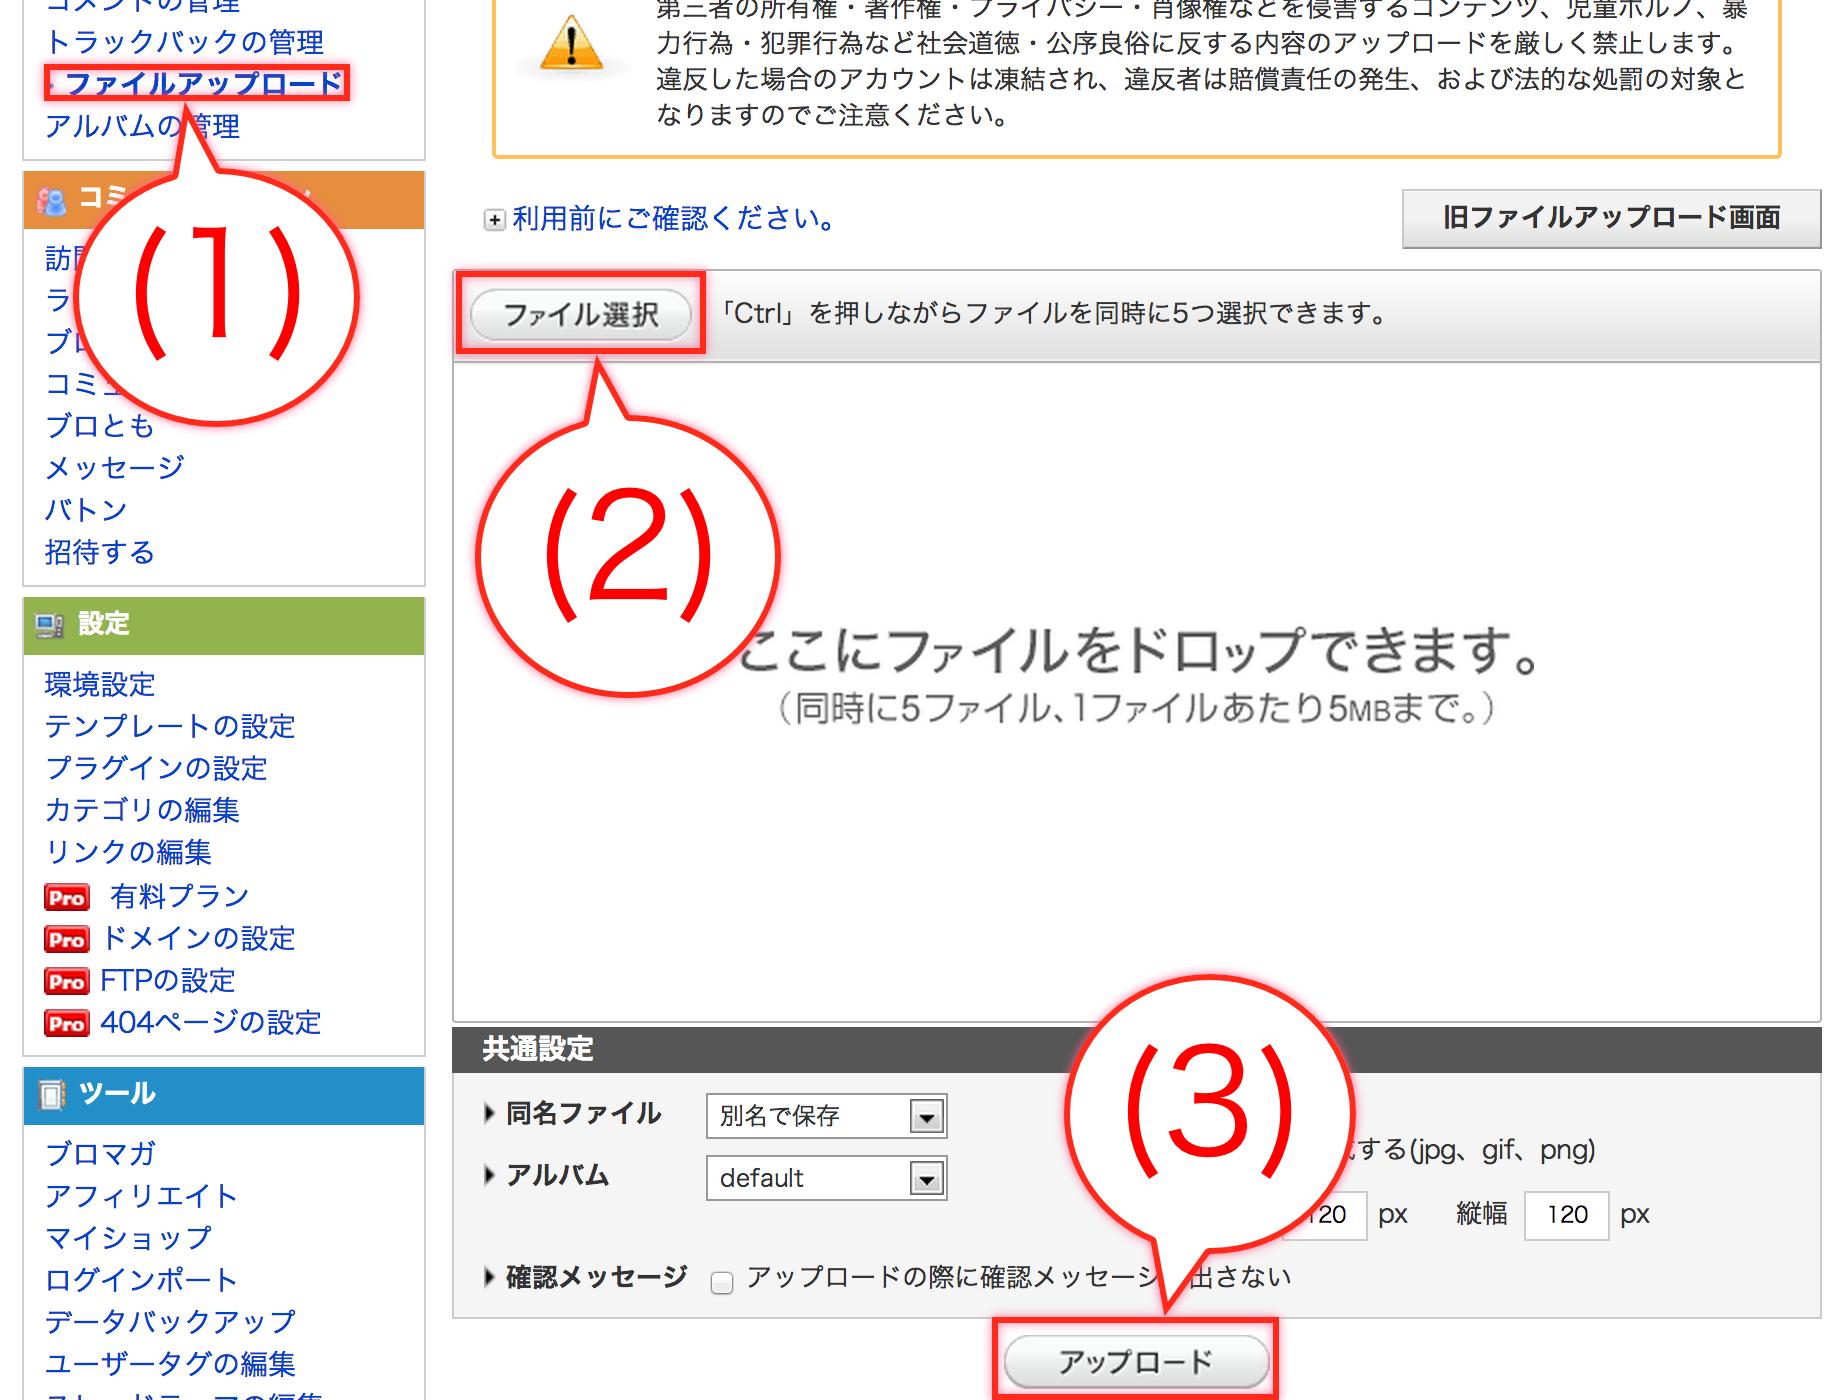 FC2ブログの使い方(詳細な全機能解説)7